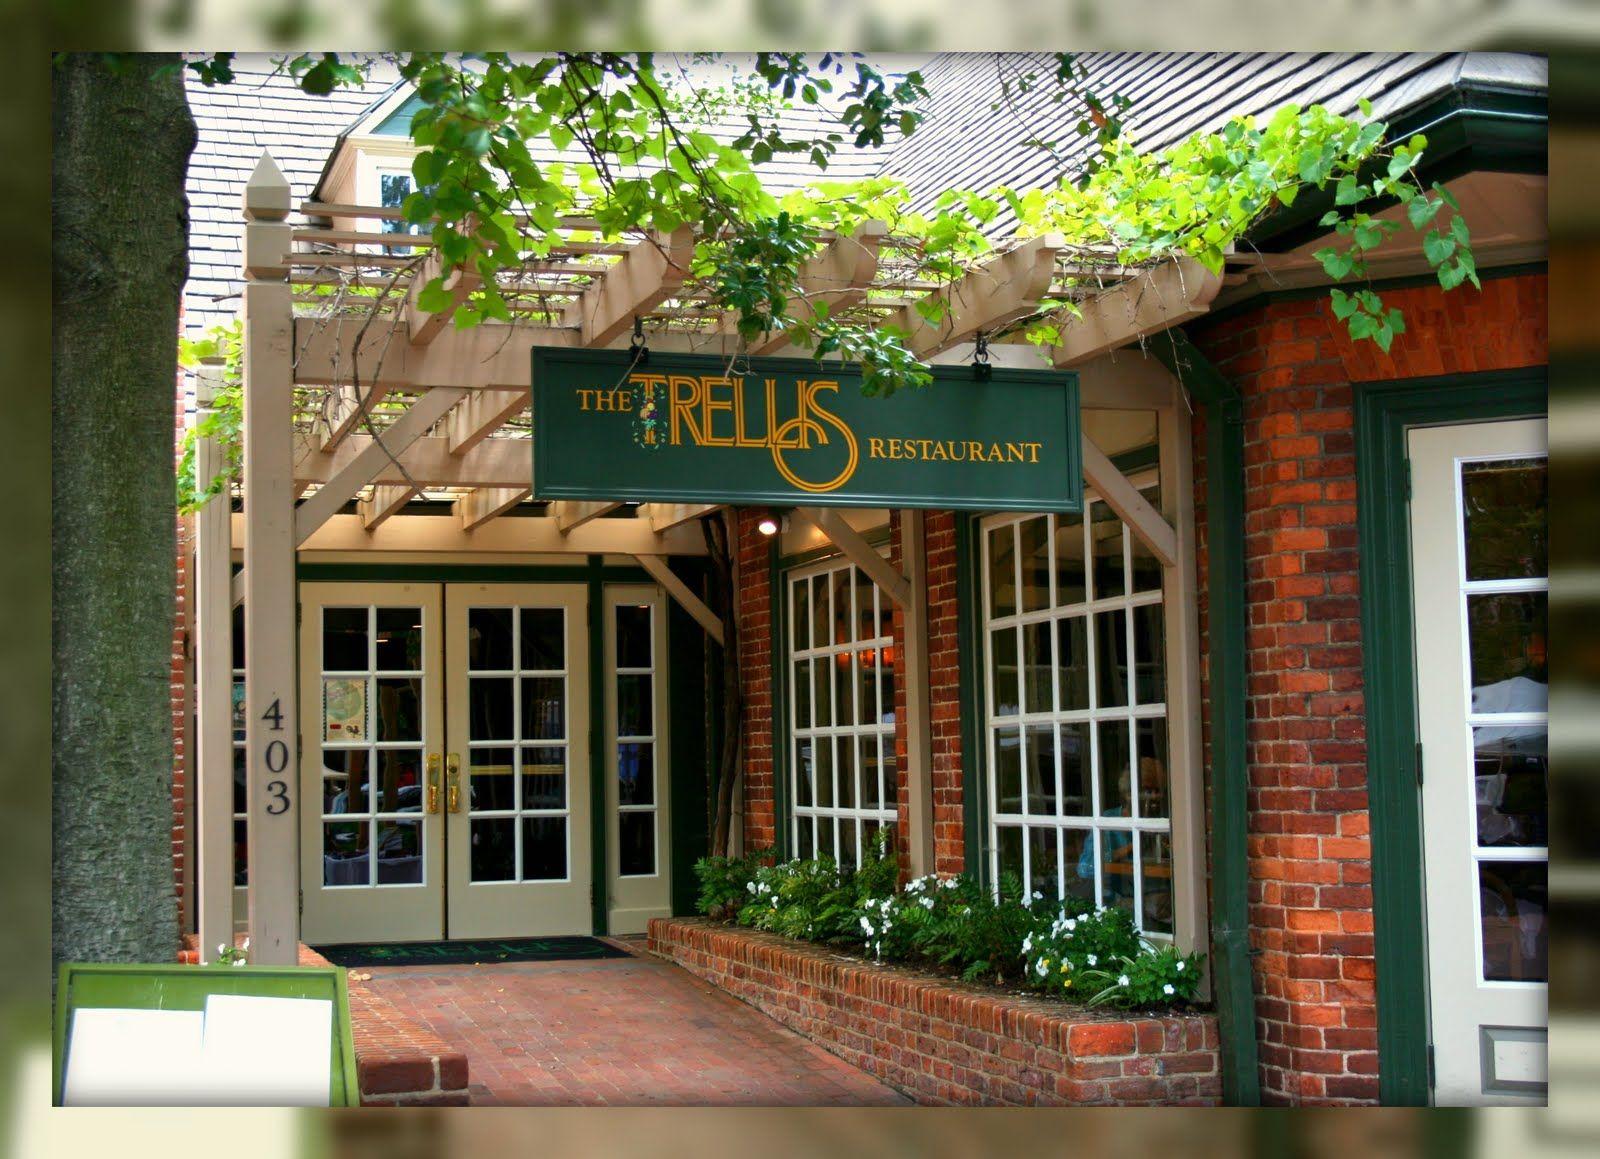 Living In Williamsburg Virginia The Trellis Restaurant